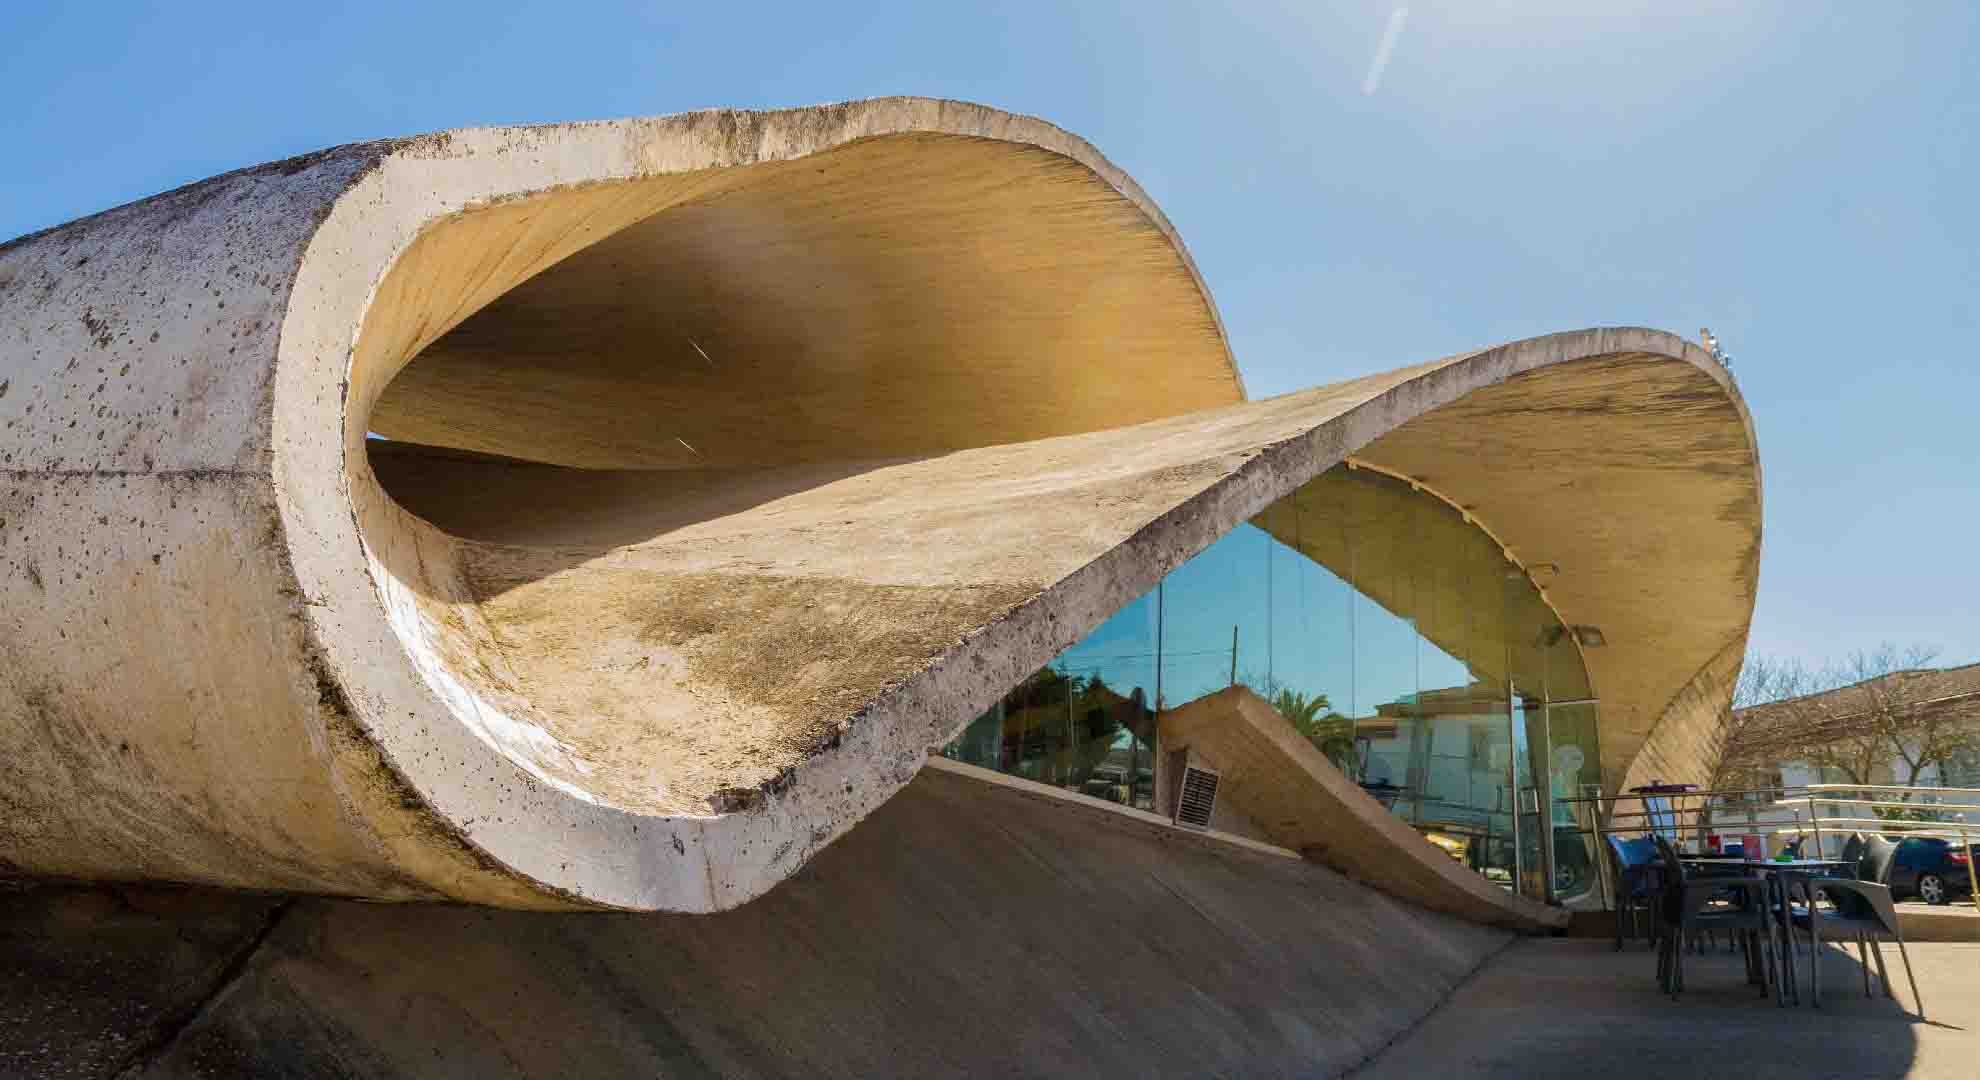 Movilidad y transporte: estación de autobuses en Casar de Cáceres